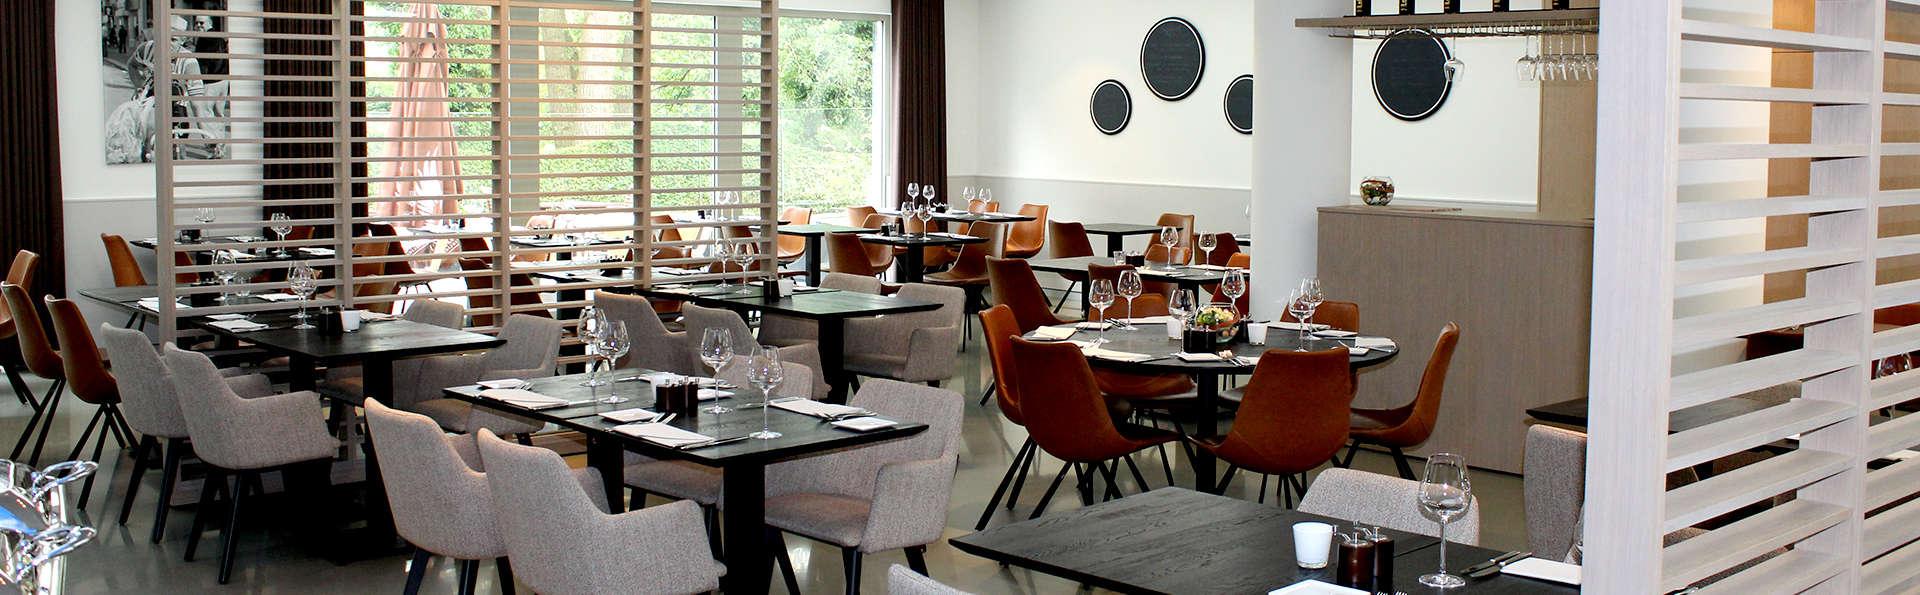 Séjour gastronomique de luxe à Bruges (à partir de 2 nuits)